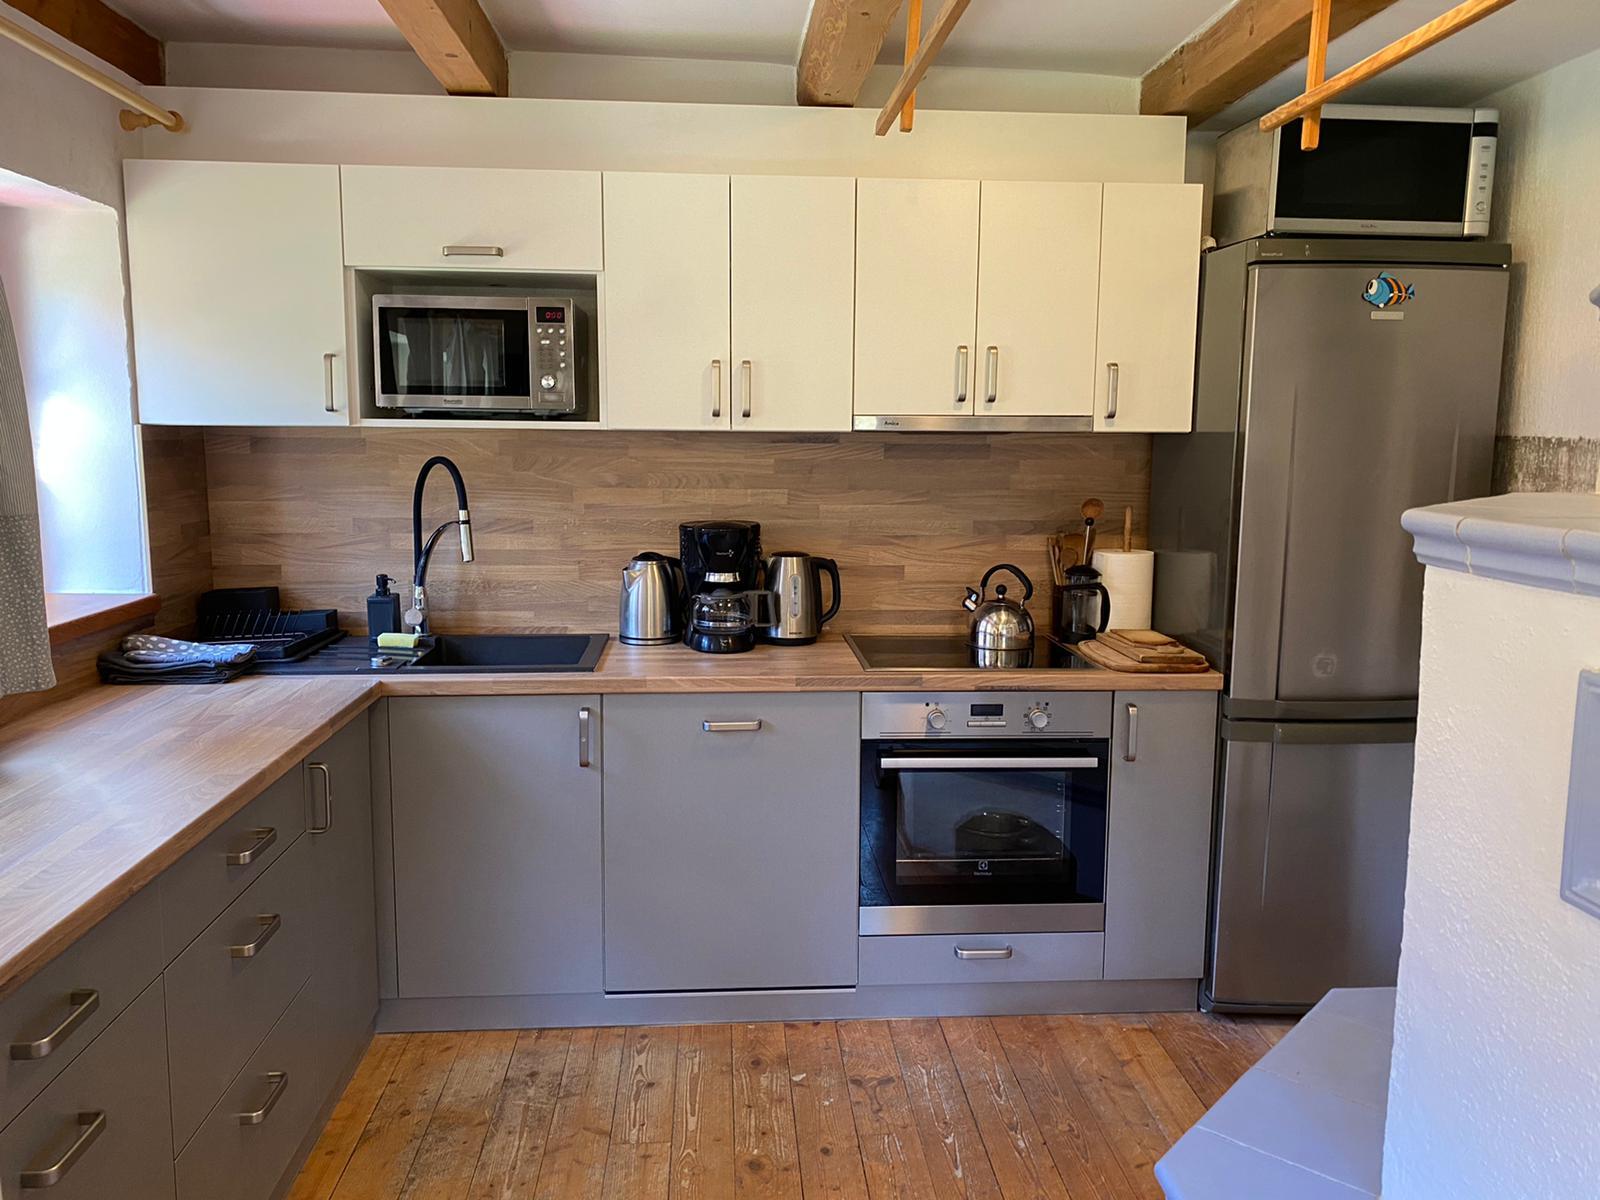 Rekonstrukce – Nová Kuchyň